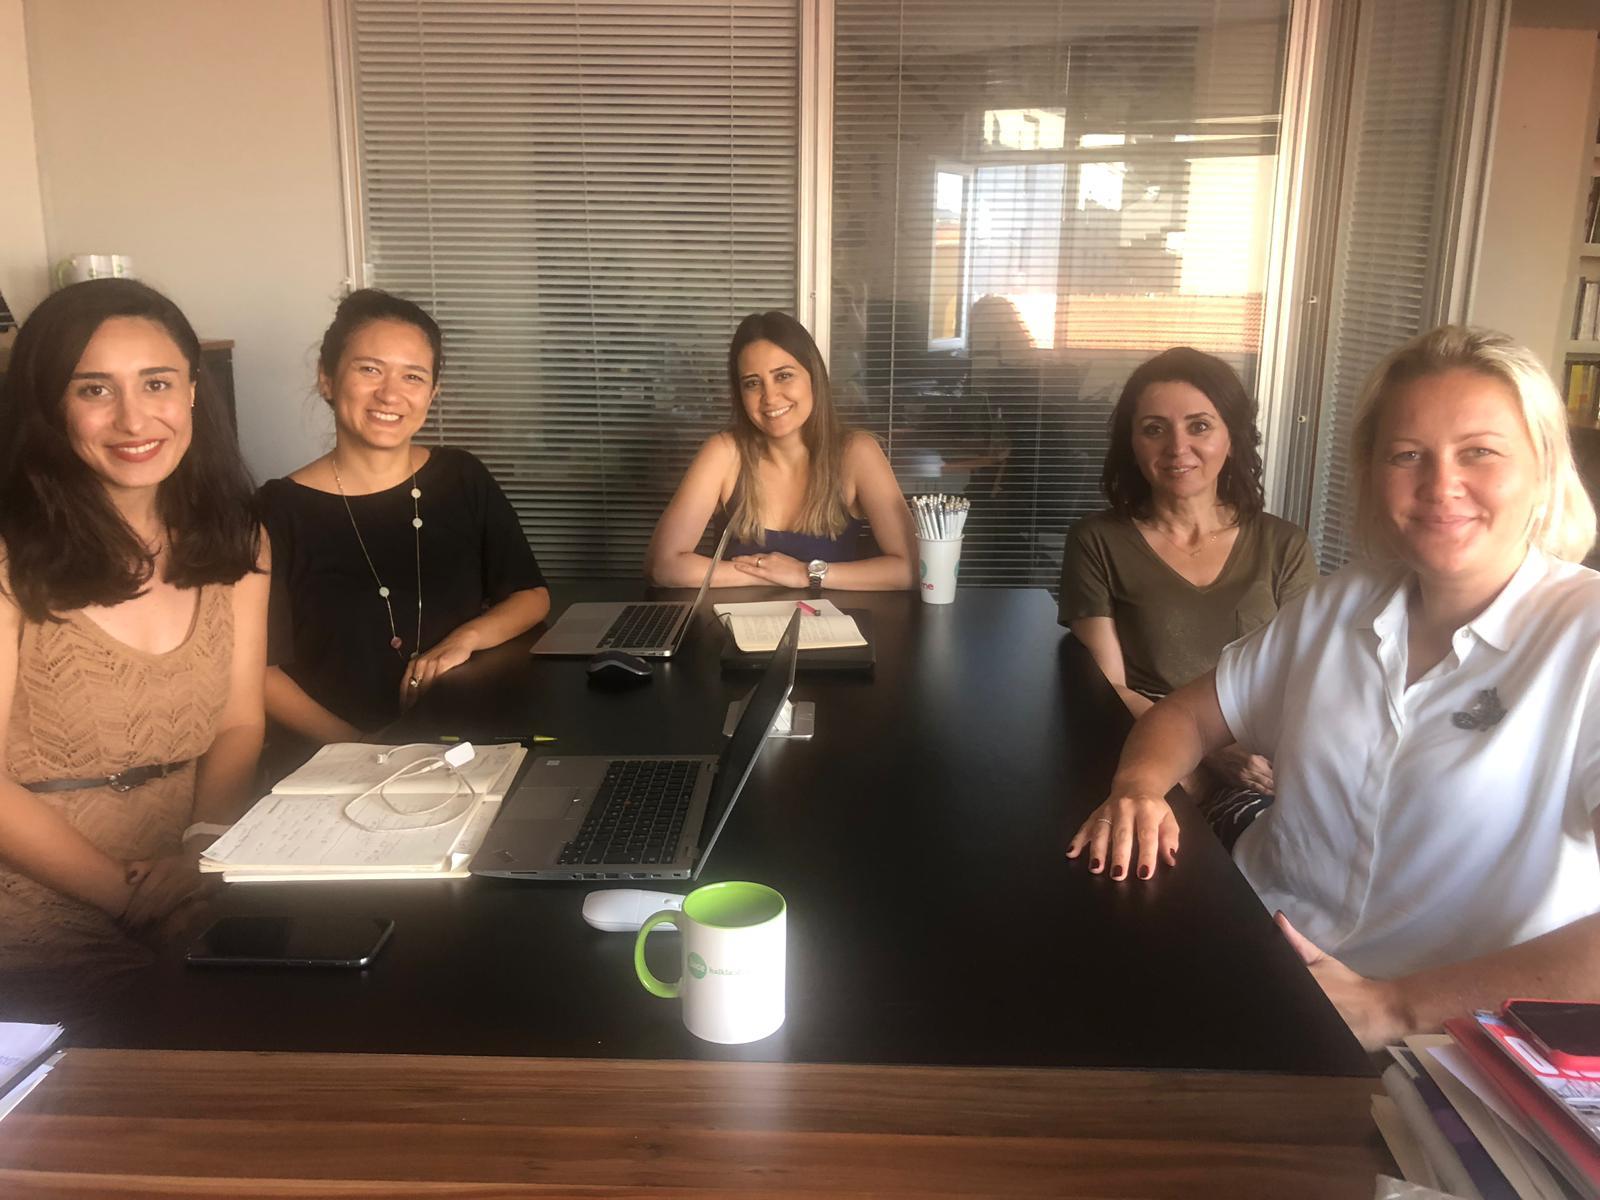 Sektördeki Kadın Çalışanların Etkinliğinin Arttırılmasına Yönelik Değerlendirme Toplantısı